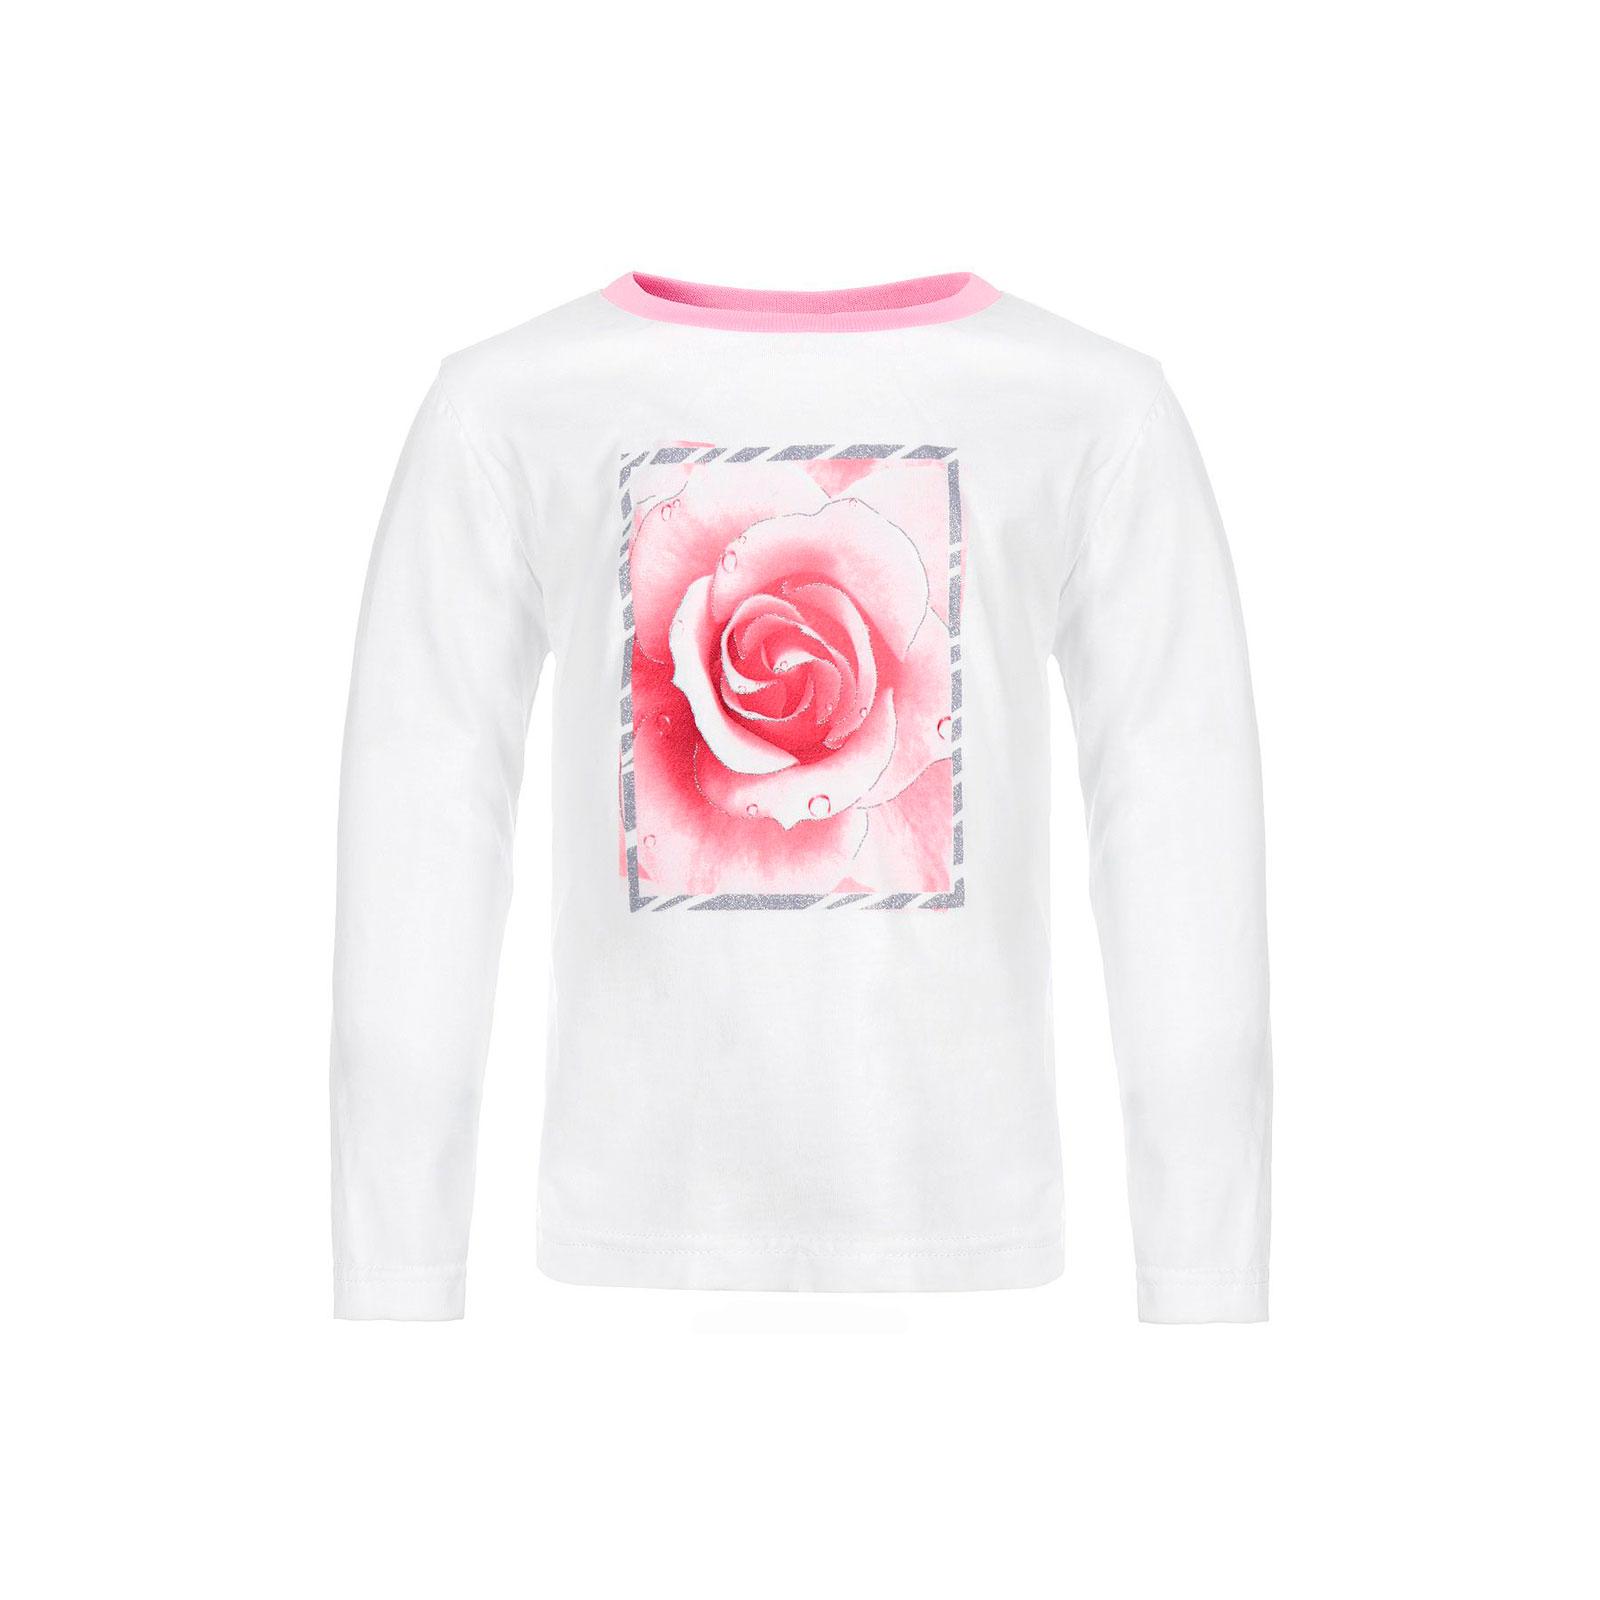 Джемпер Котмаркот Розы рост 86 белый<br>